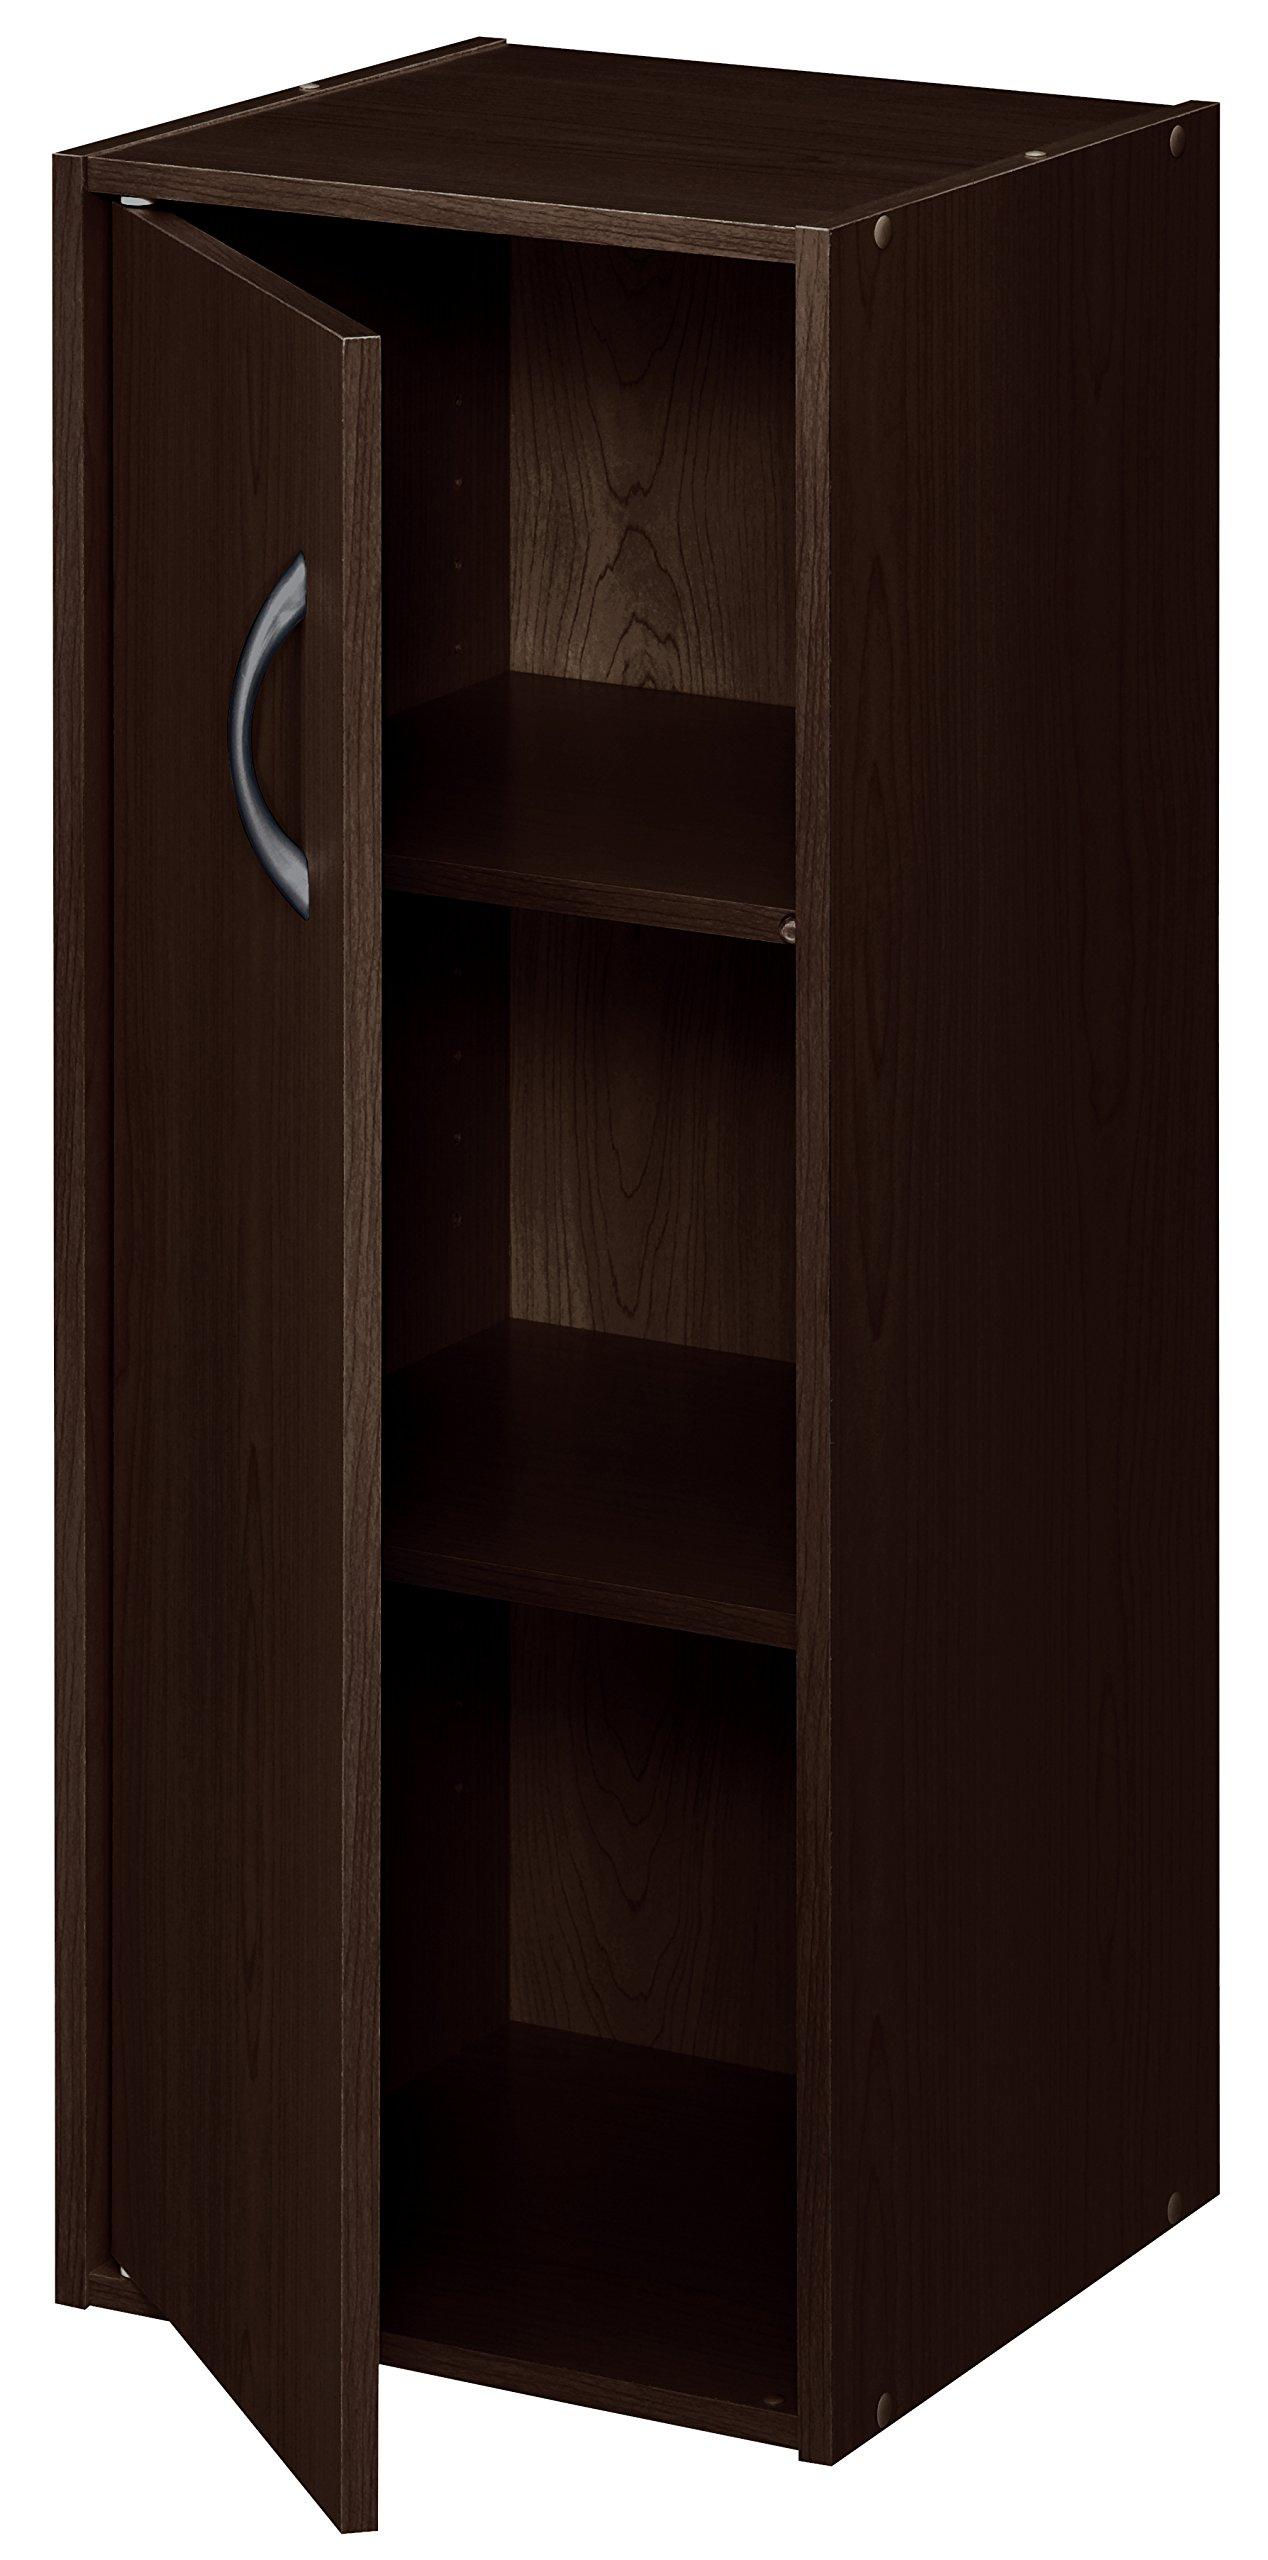 ClosetMaid 8991 Stackable 1-Door Organizer, Espresso by ClosetMaid